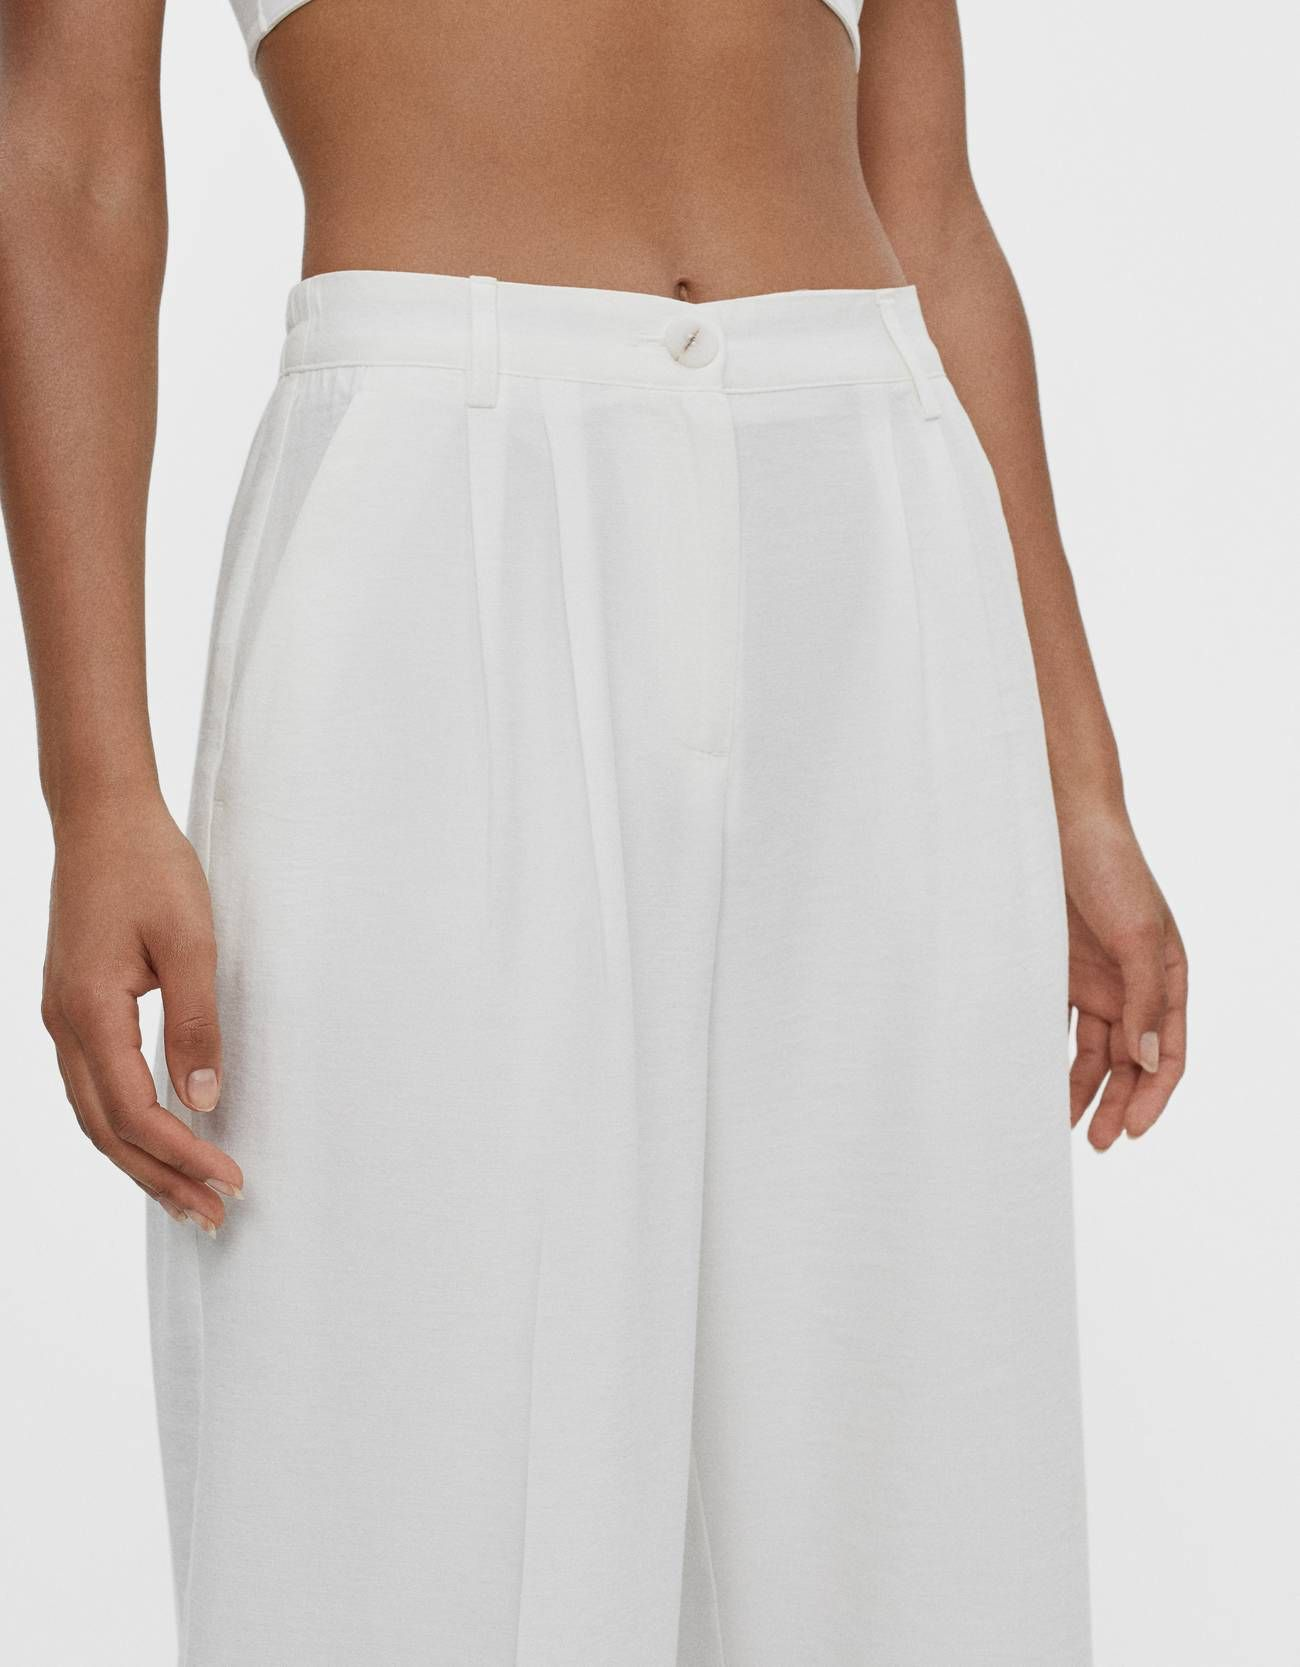 El Pantalon Ancho Blanco De Bershka Que Usan Las Expertas De Moda